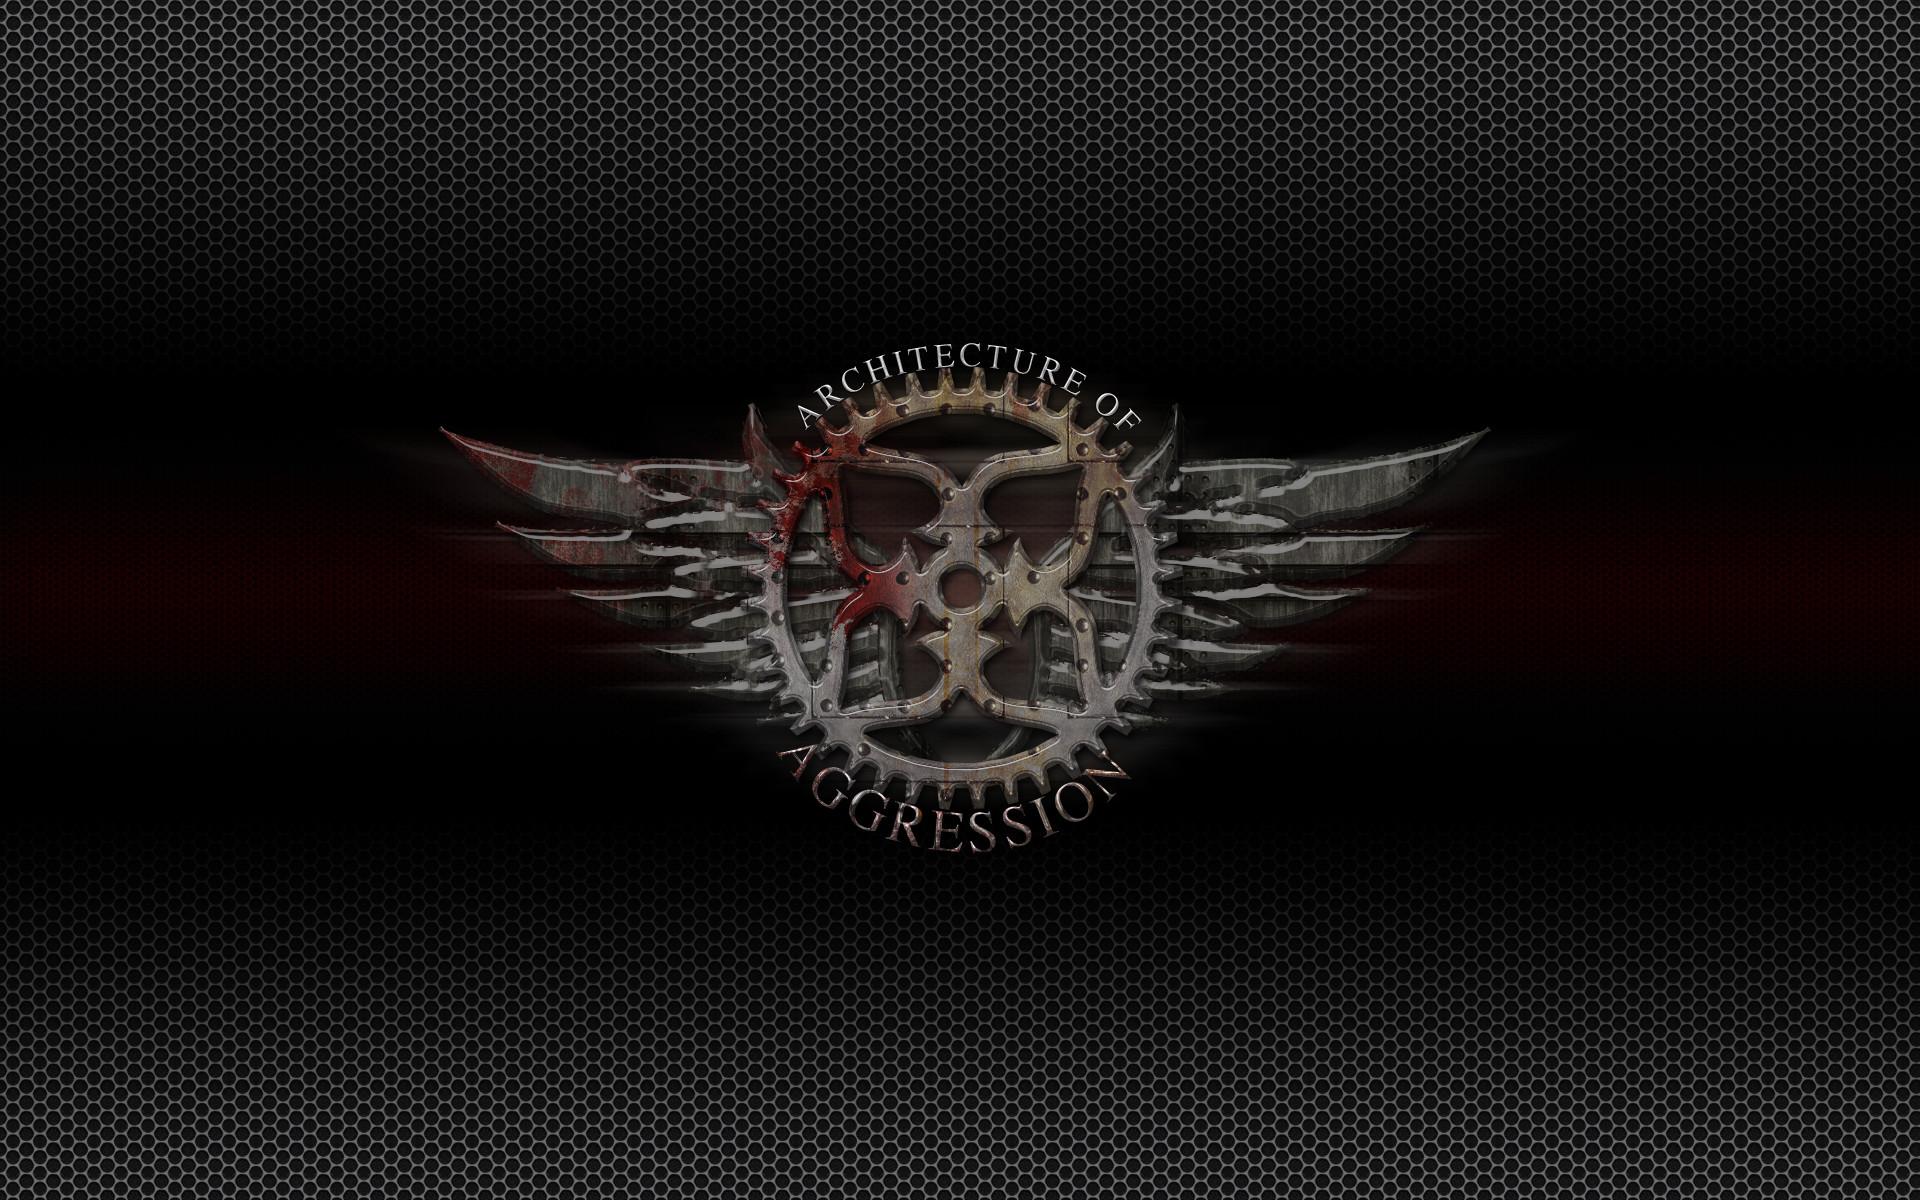 Megadeth Widescreen Wallpaper